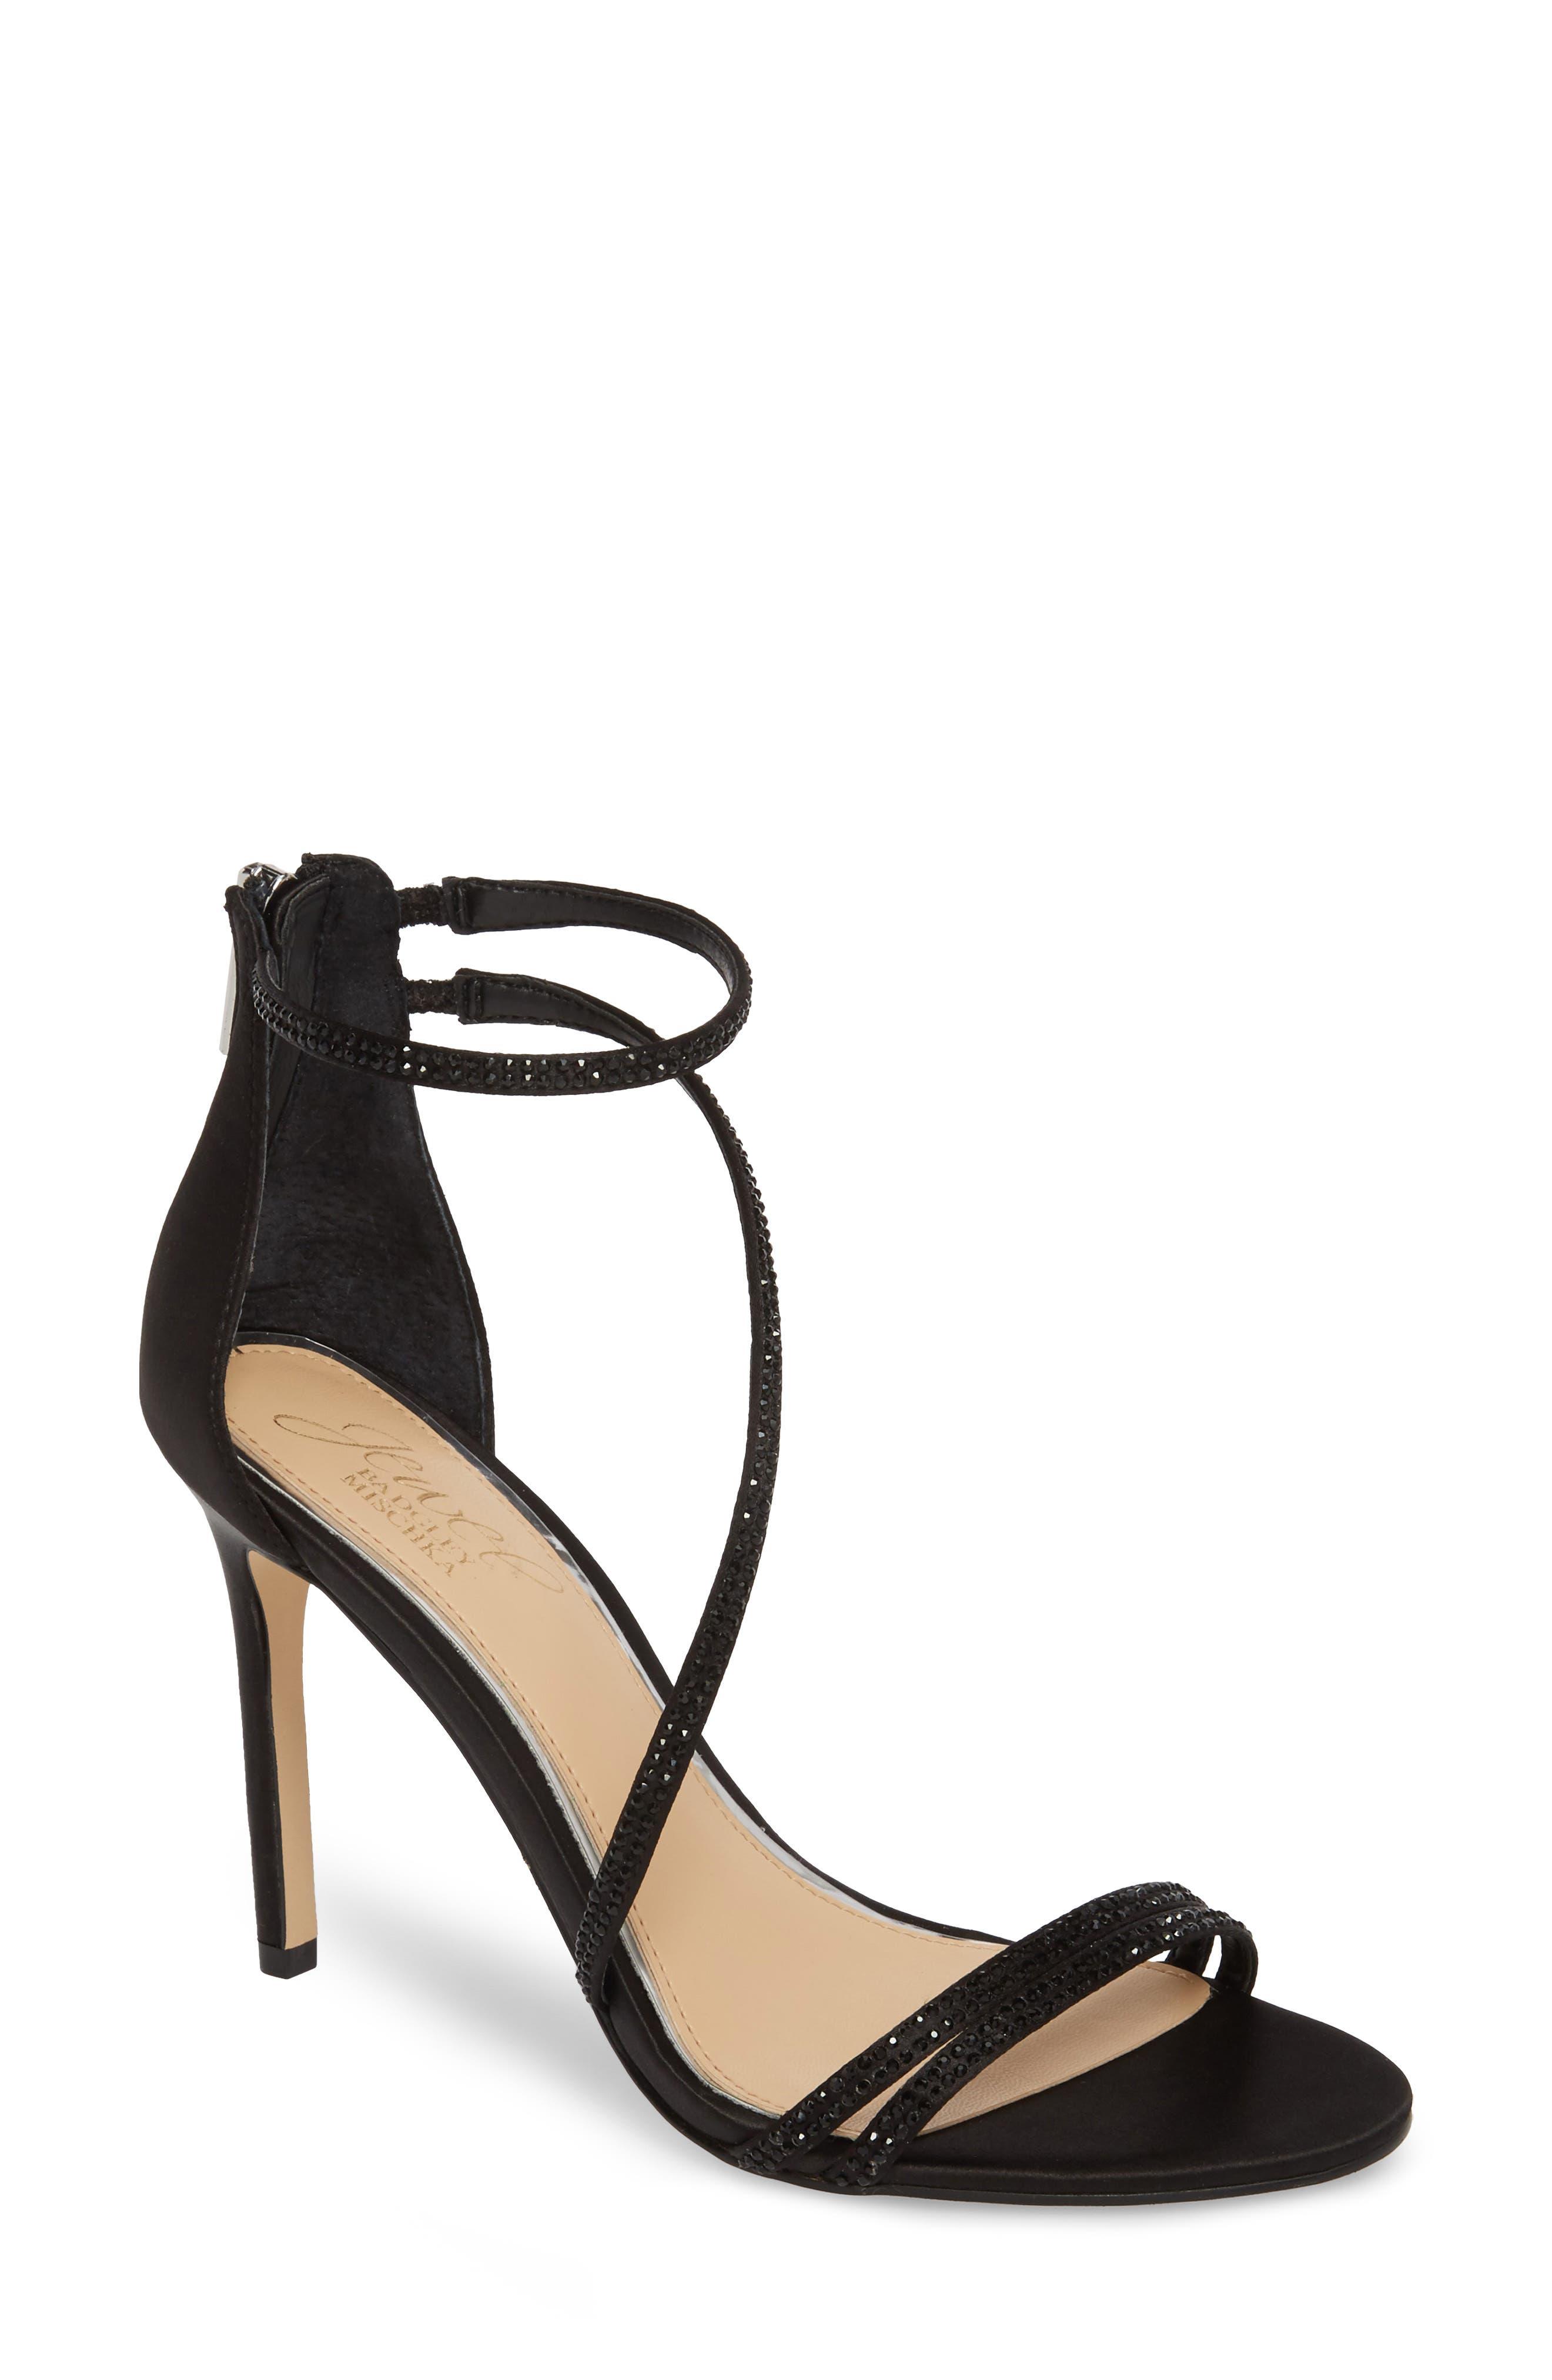 Gail Crystal Embellished Sandal,                         Main,                         color,